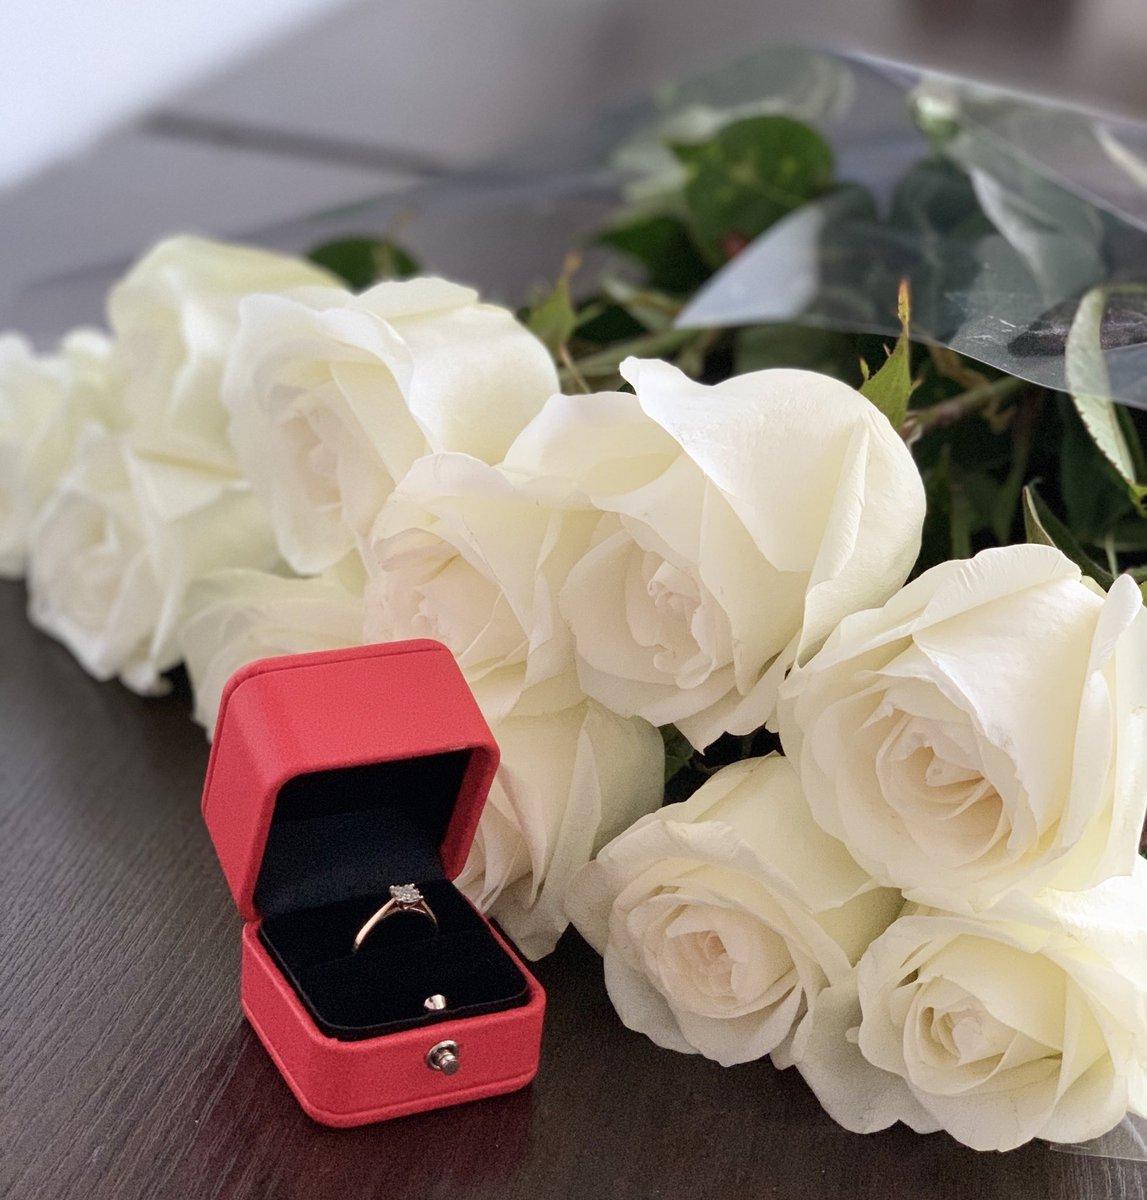 Прекрасное кольцо для предложения❤️